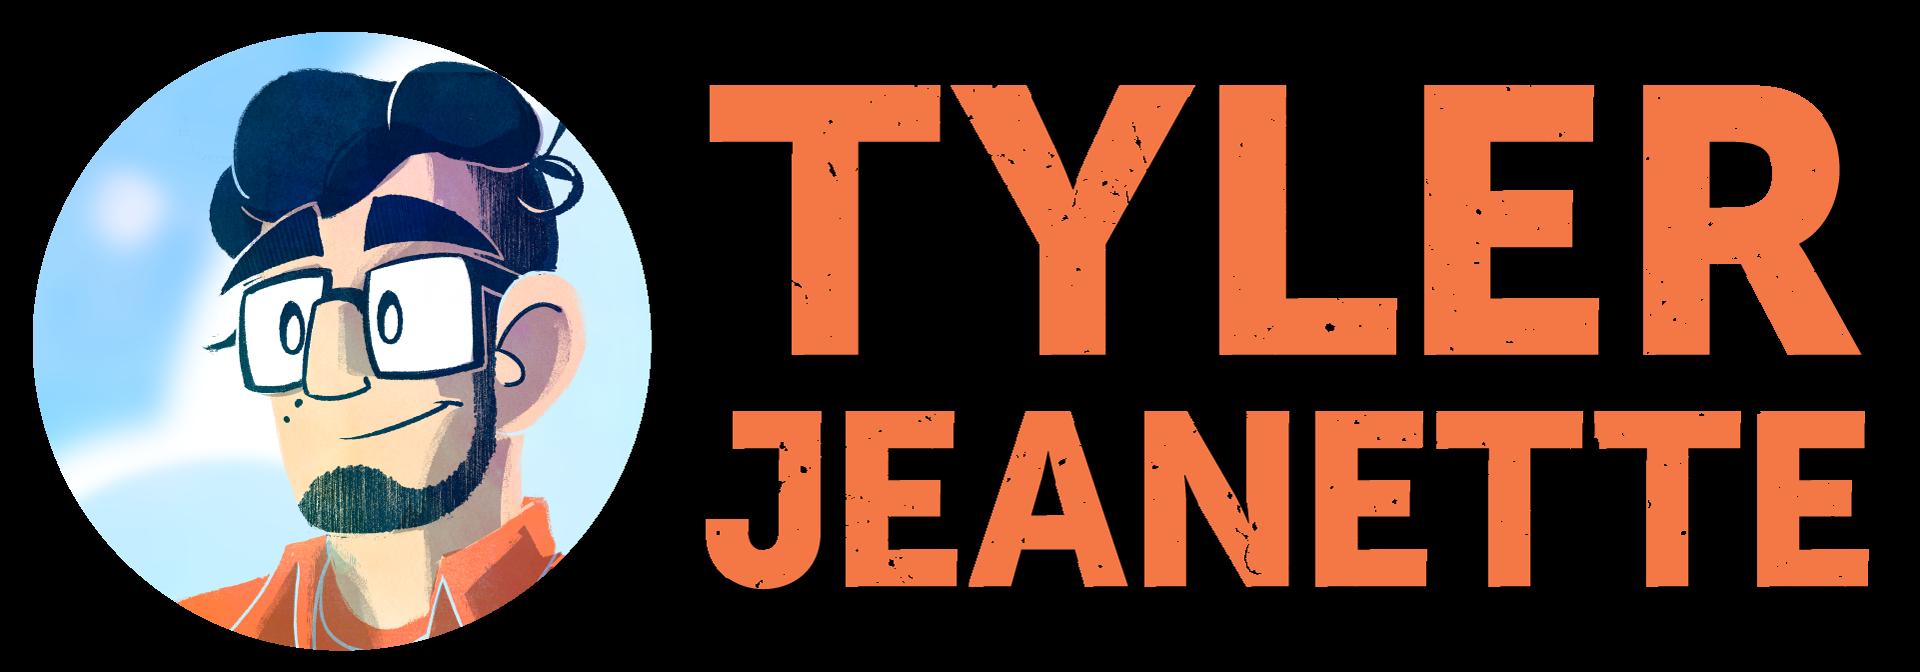 Tyler Jeanette